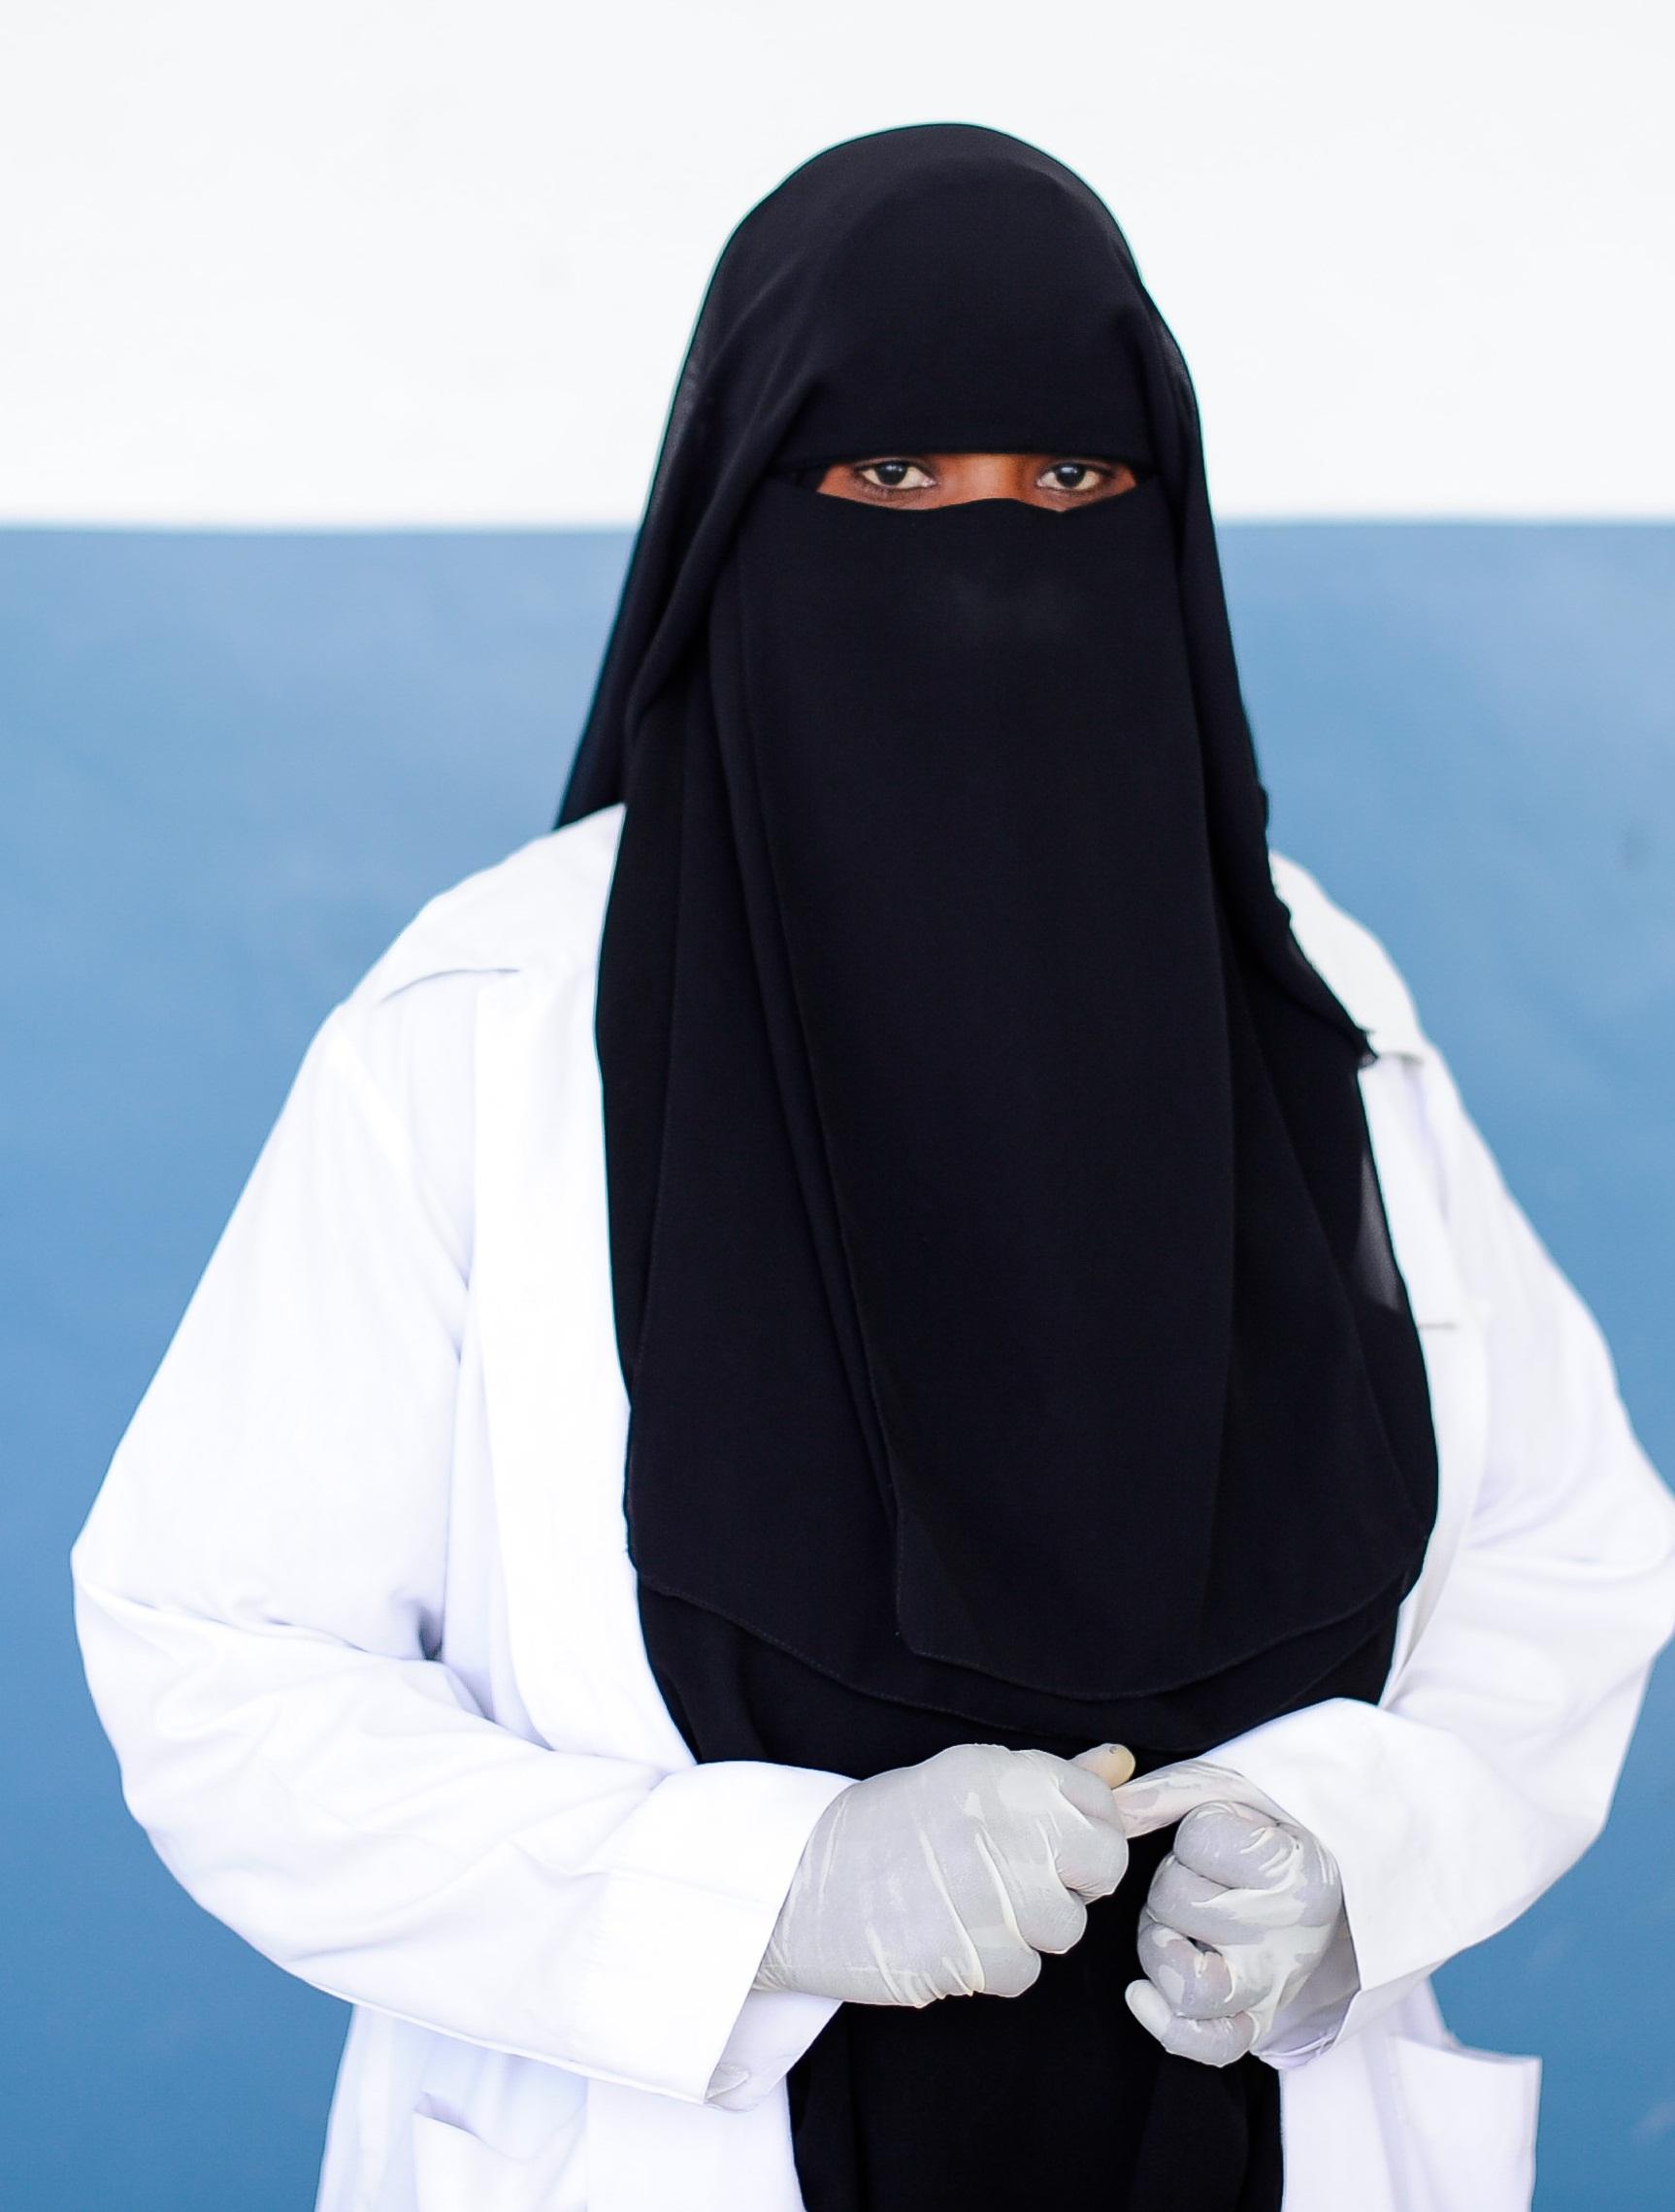 هل لبس النقاب من شروط الزي الإسلامي للمرأة ؟